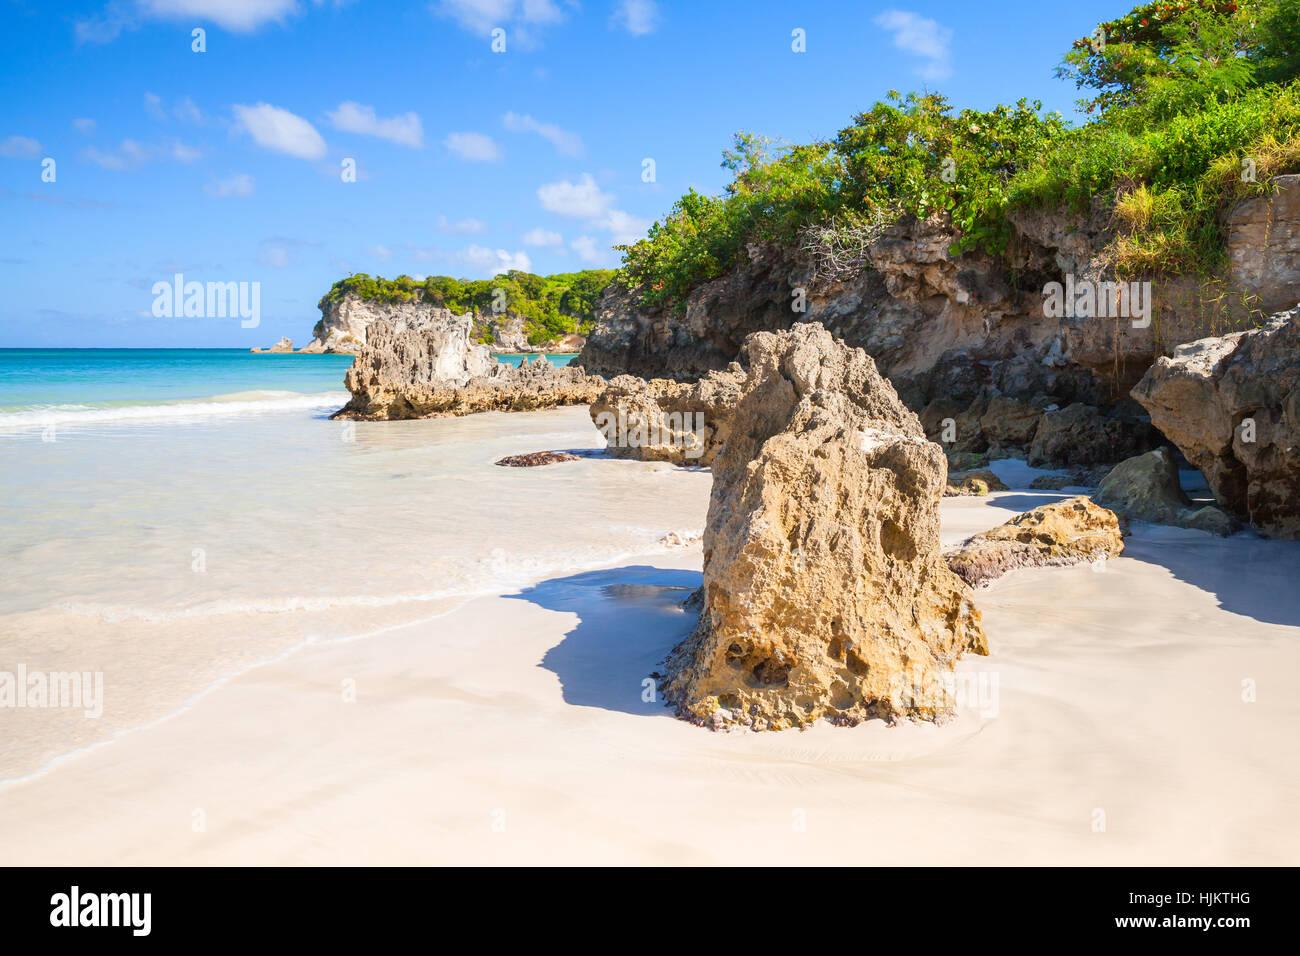 Les roches du littoral sur la plage de Macao, le paysage de l'île d'Hispaniola, la République Photo Stock